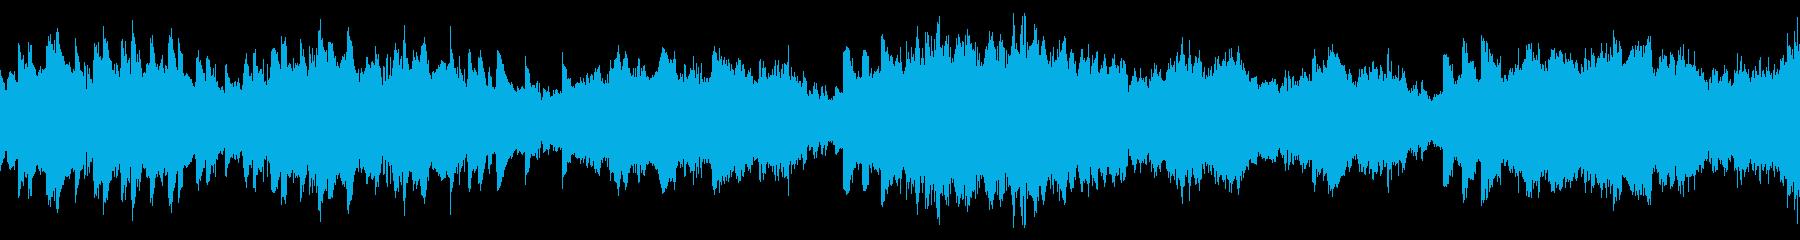 冒険前夜-プロローグ 星 夜/ループ可能の再生済みの波形